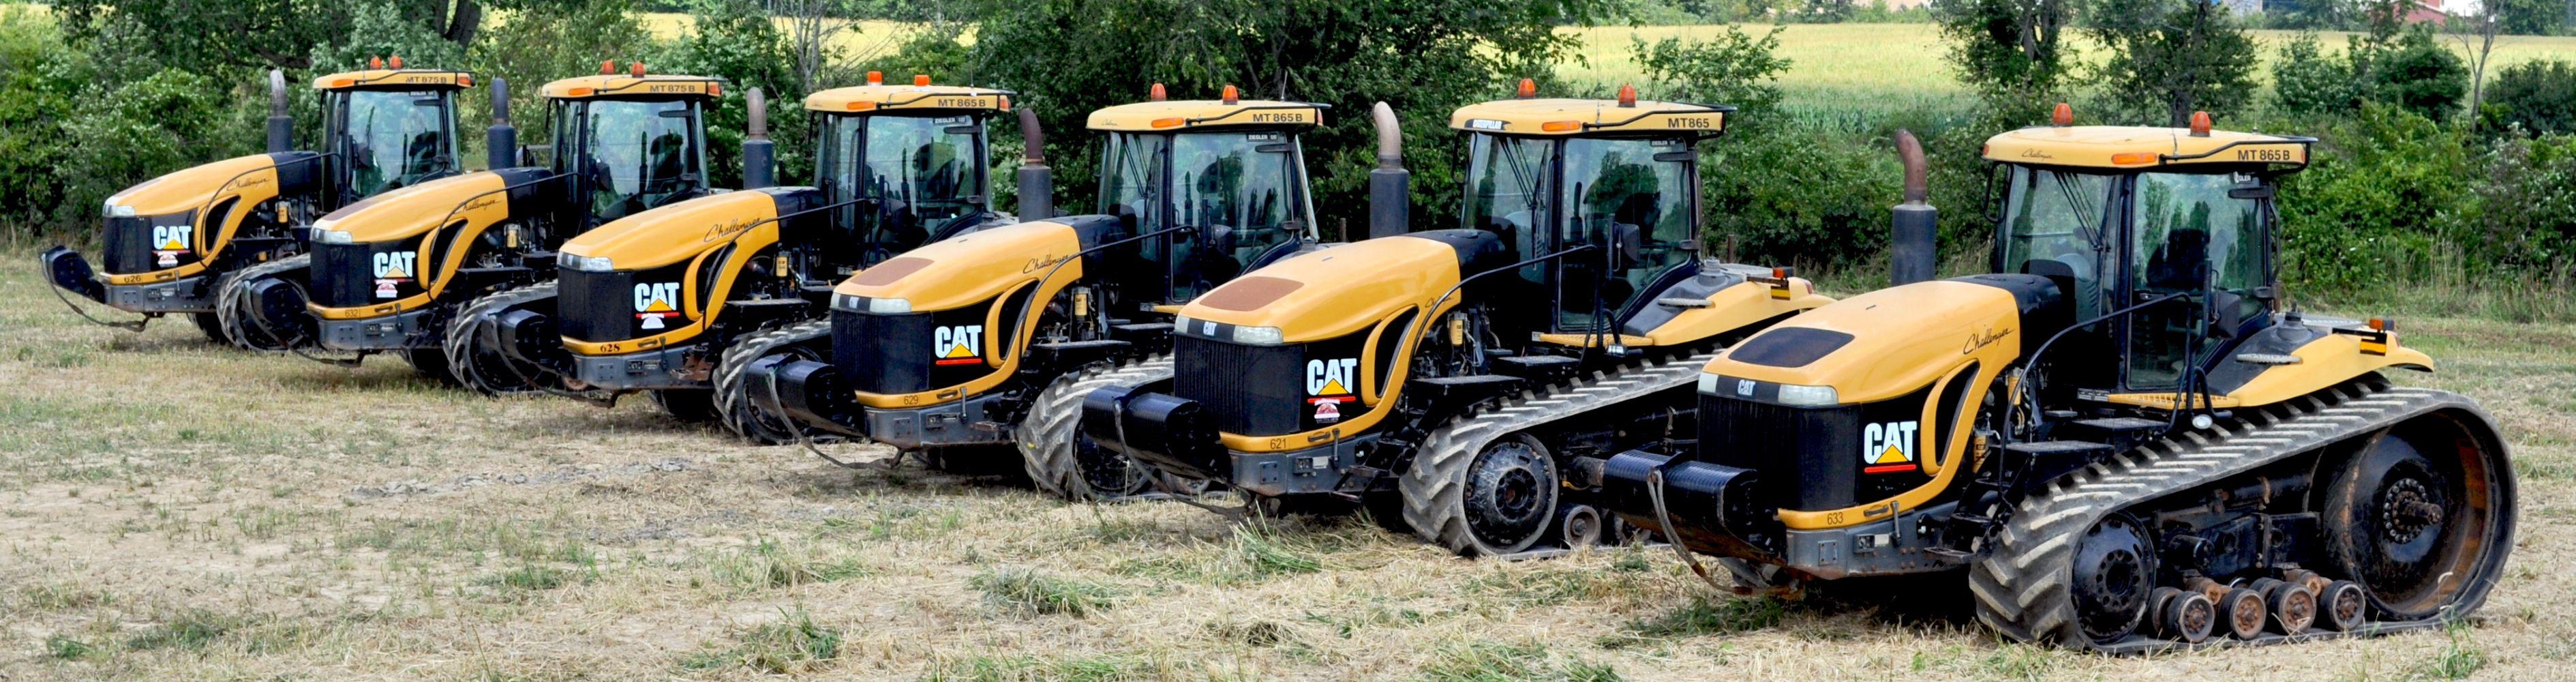 McConnell Surplus Equipment Auction